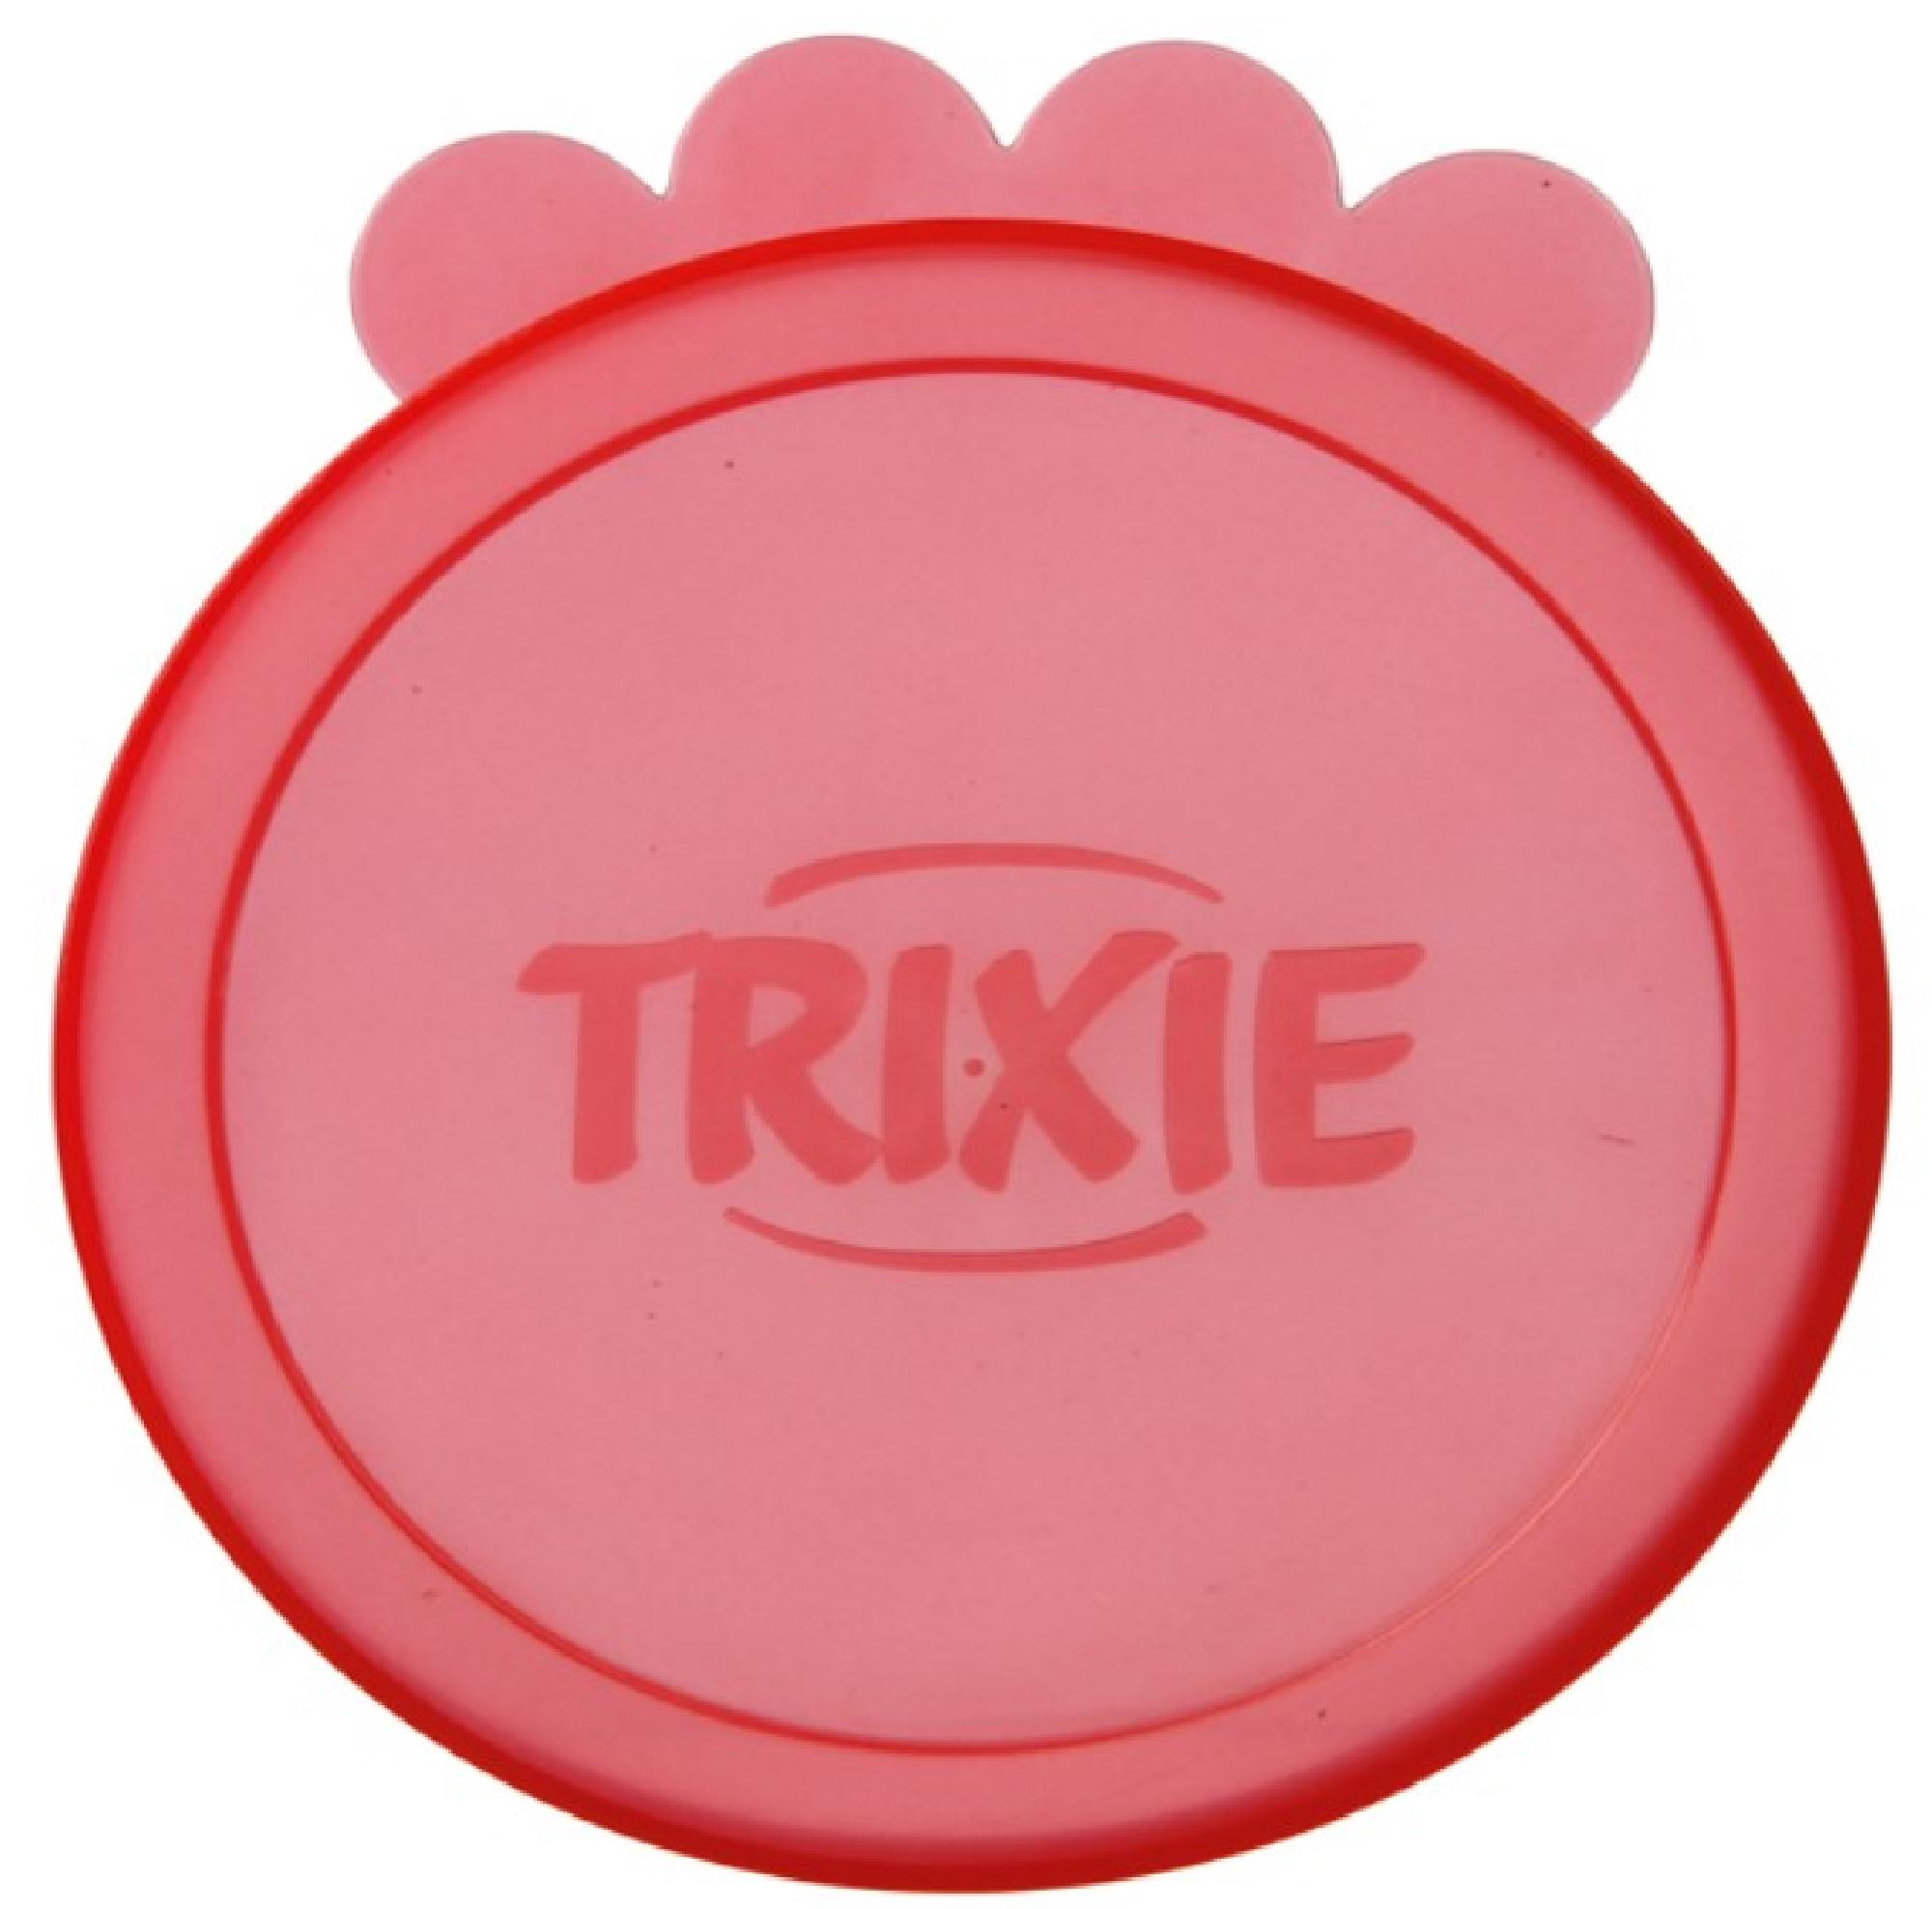 Burklock plast 10cm 2-pack